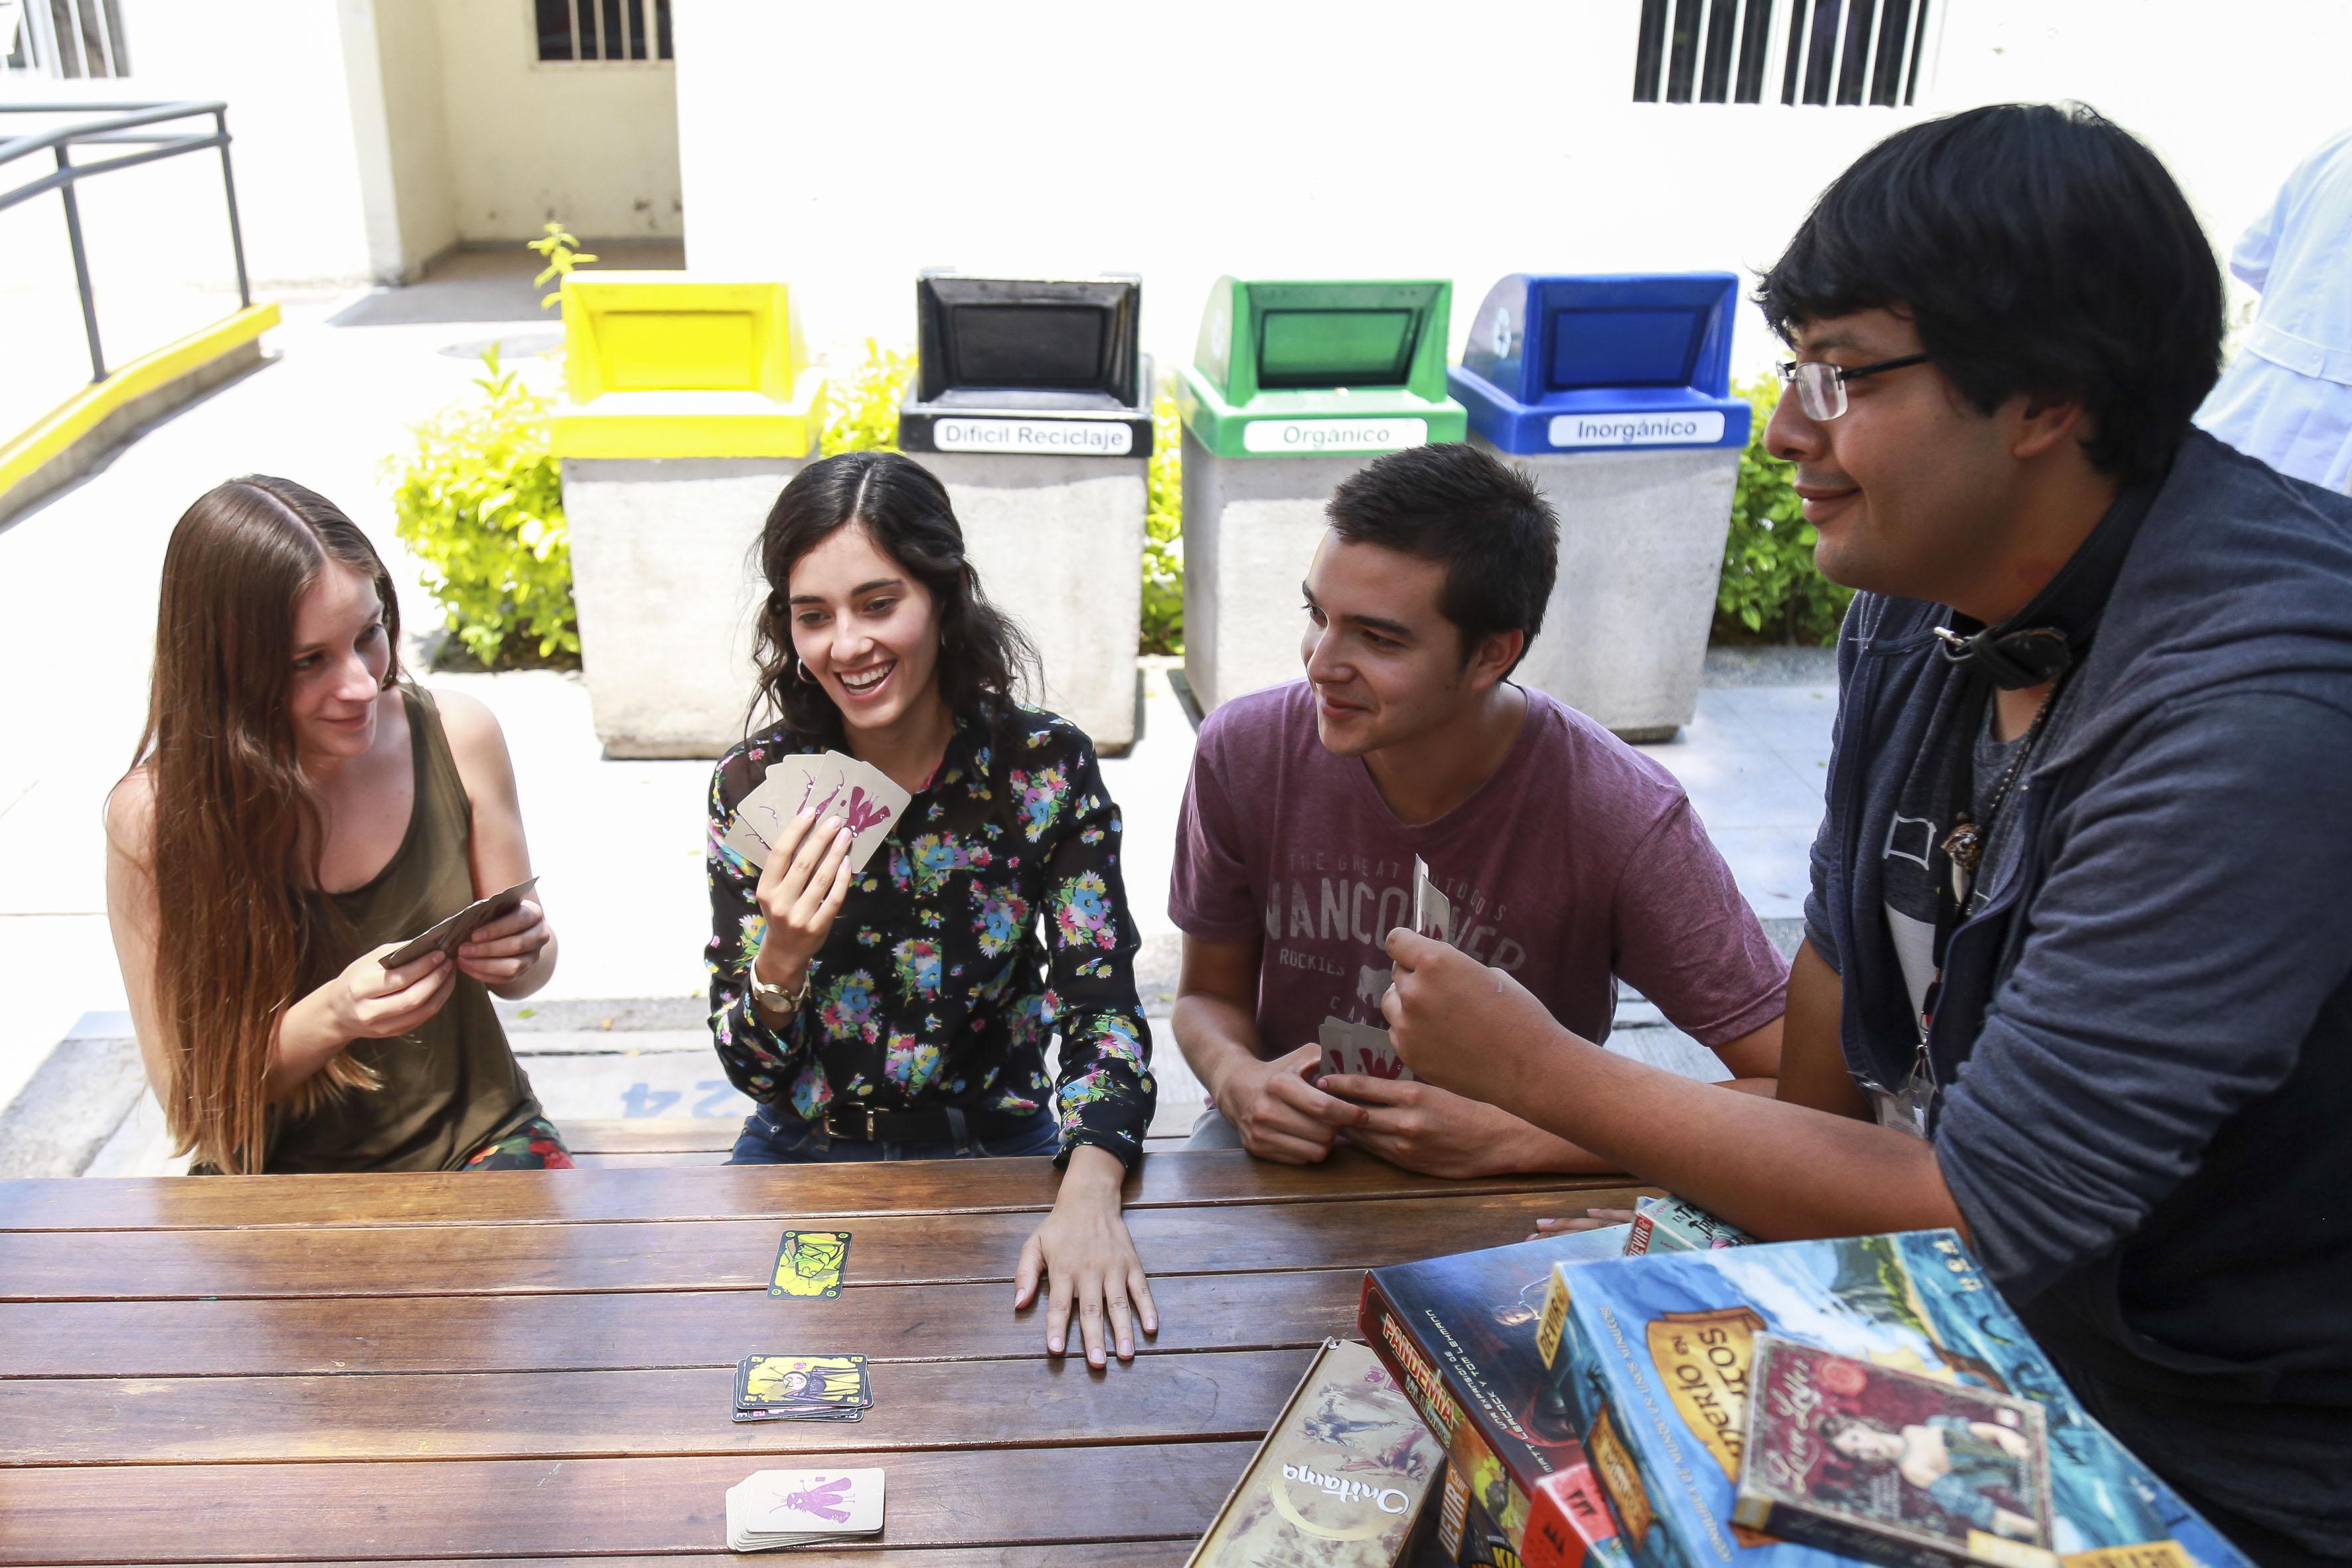 Grupo de alumnos jugando cartas